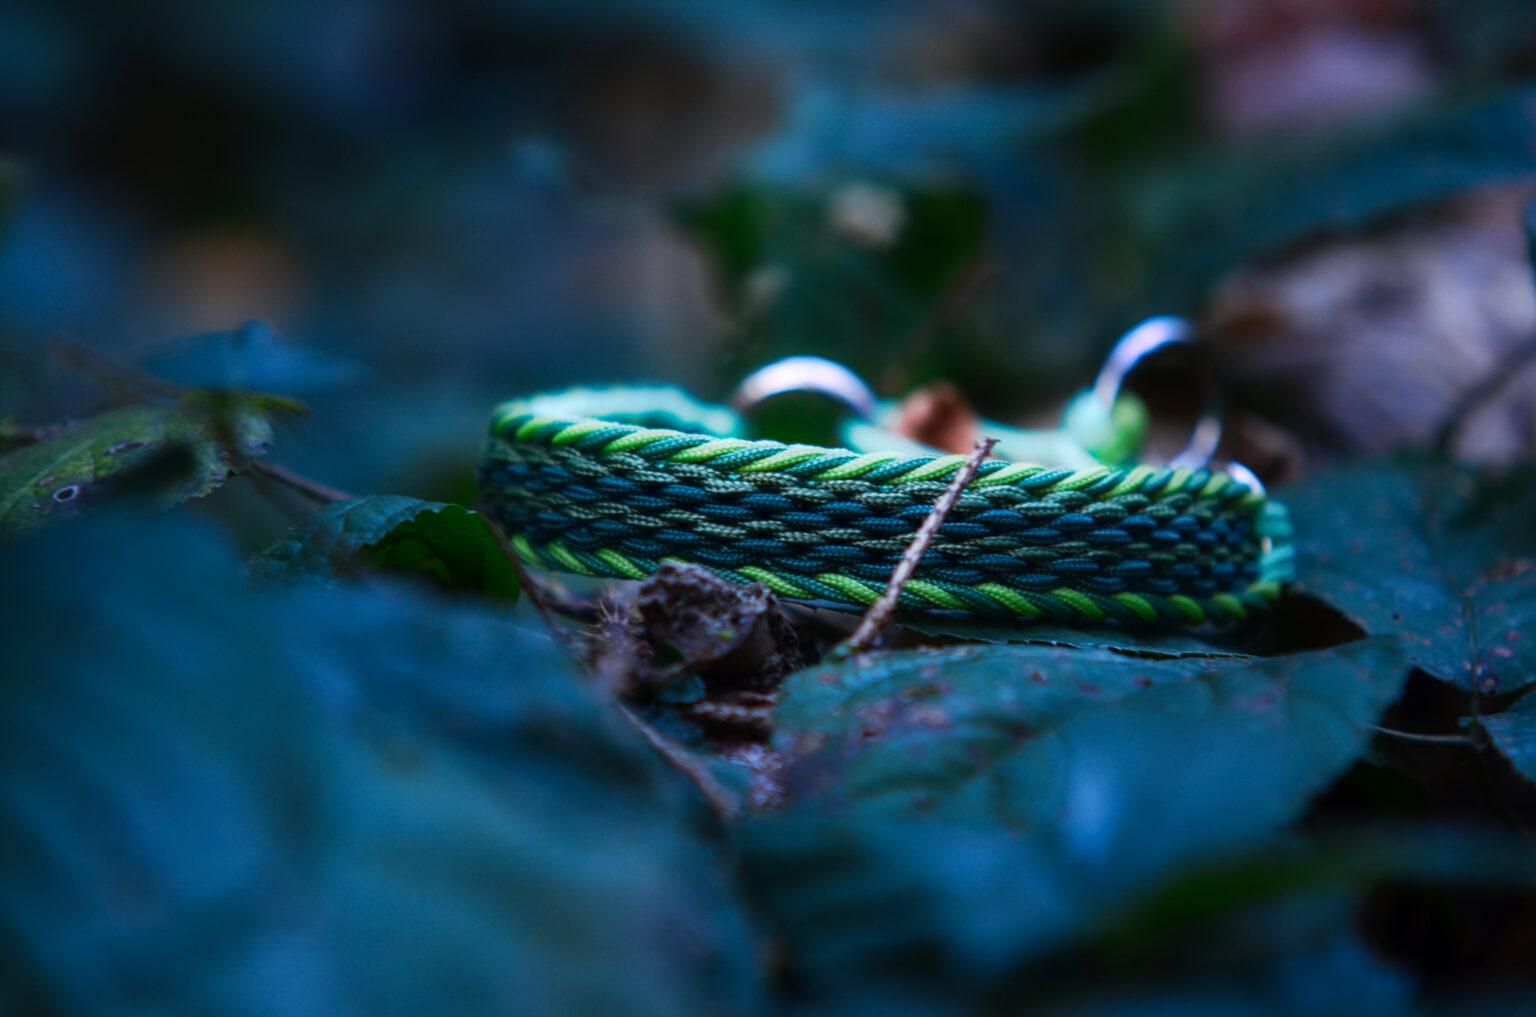 Auch ganz ruhig in nur einem Farbspektrum ein Hingucker - die verschiedenen Grüntöne lassen das Halsband natürlich wirken.